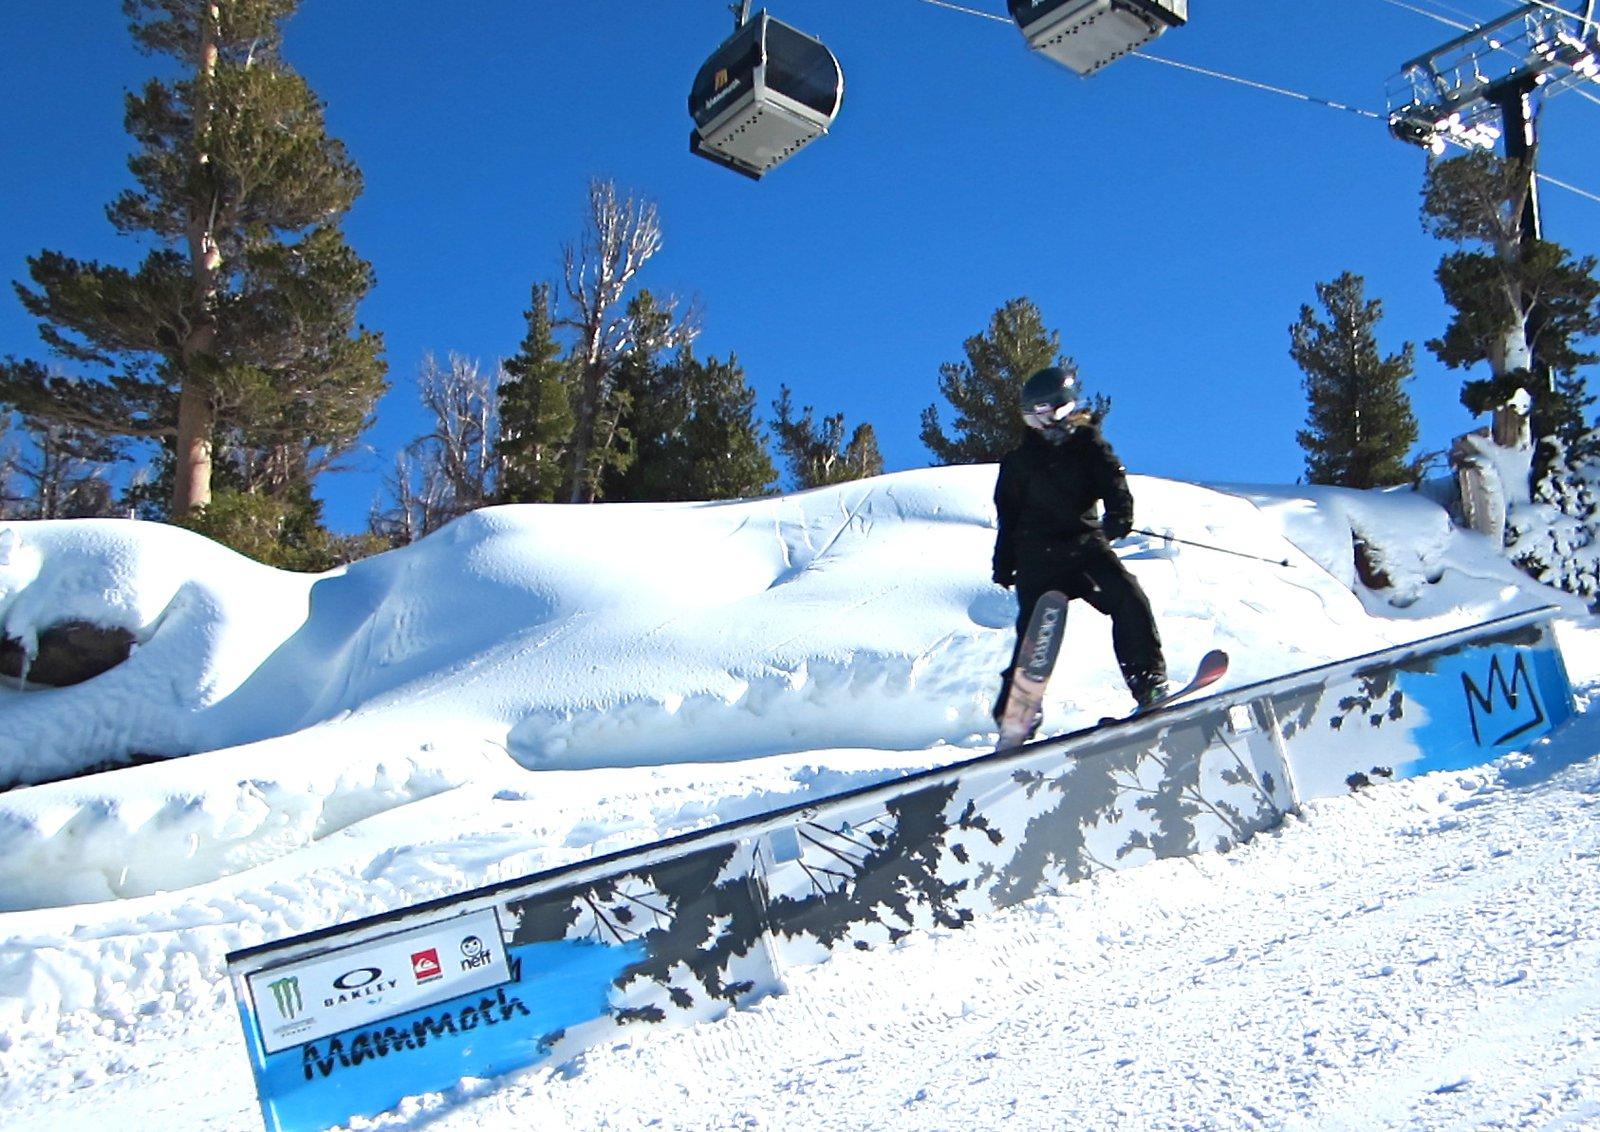 New skis, new rails